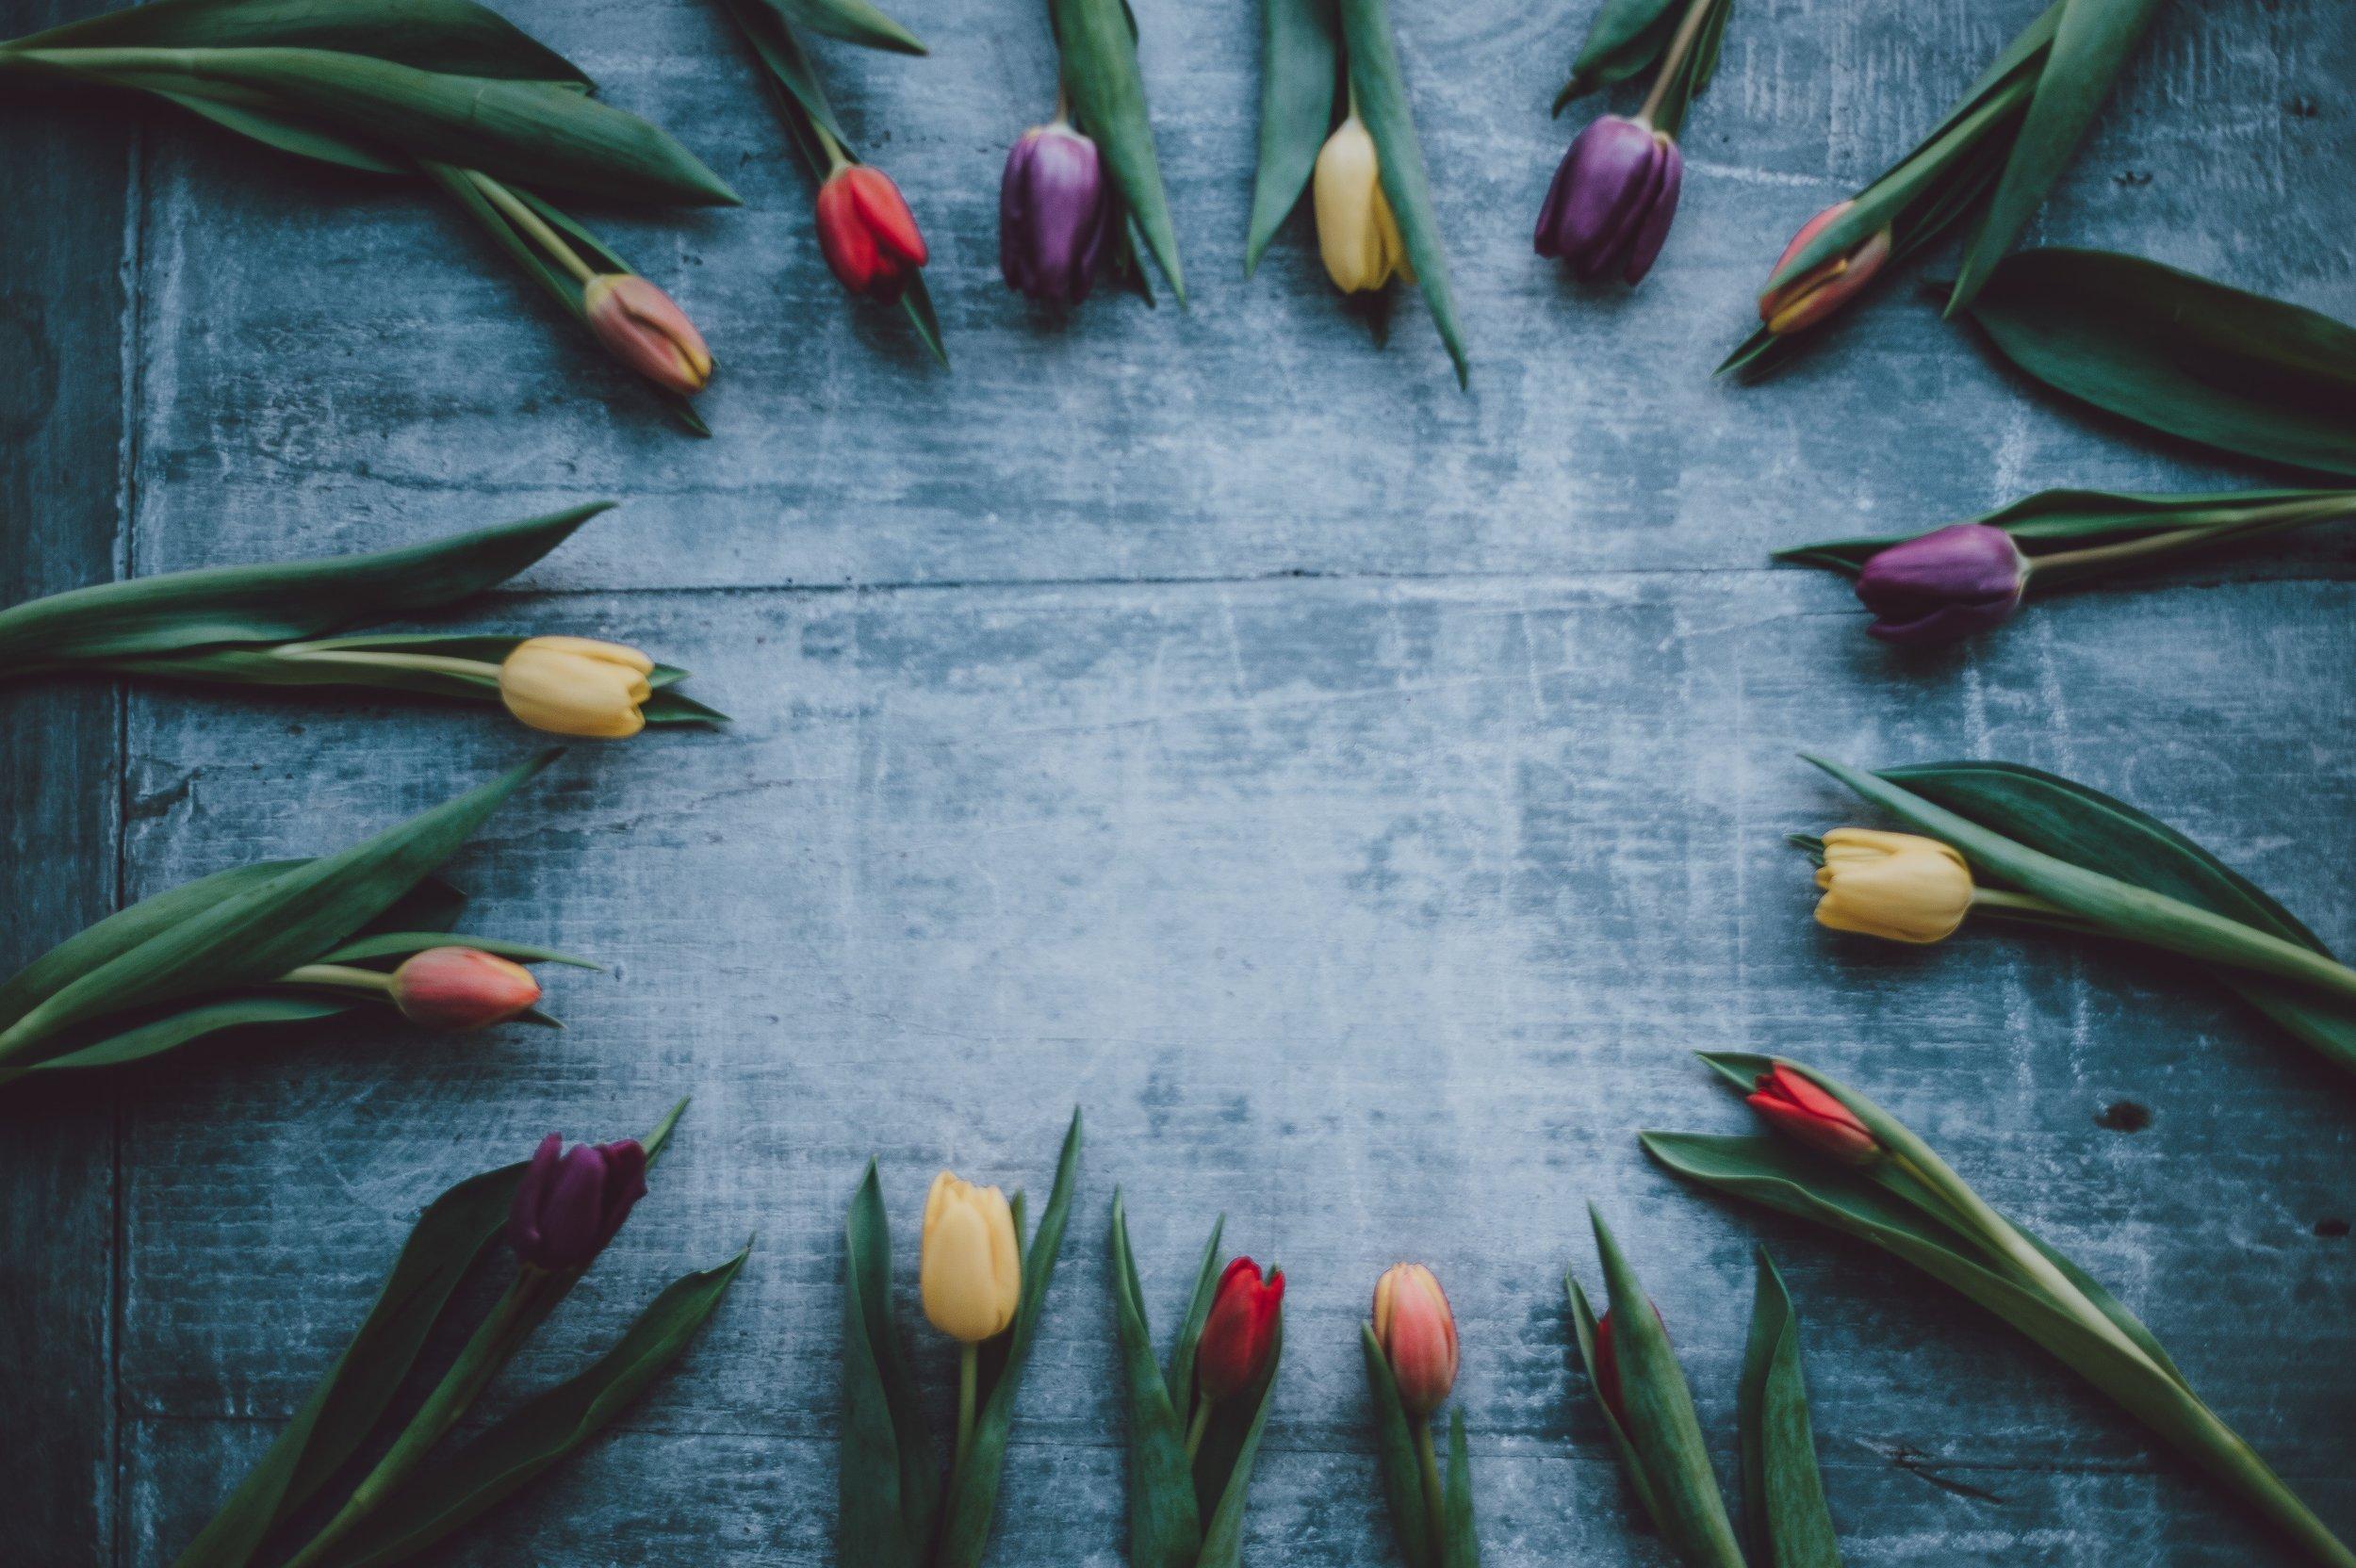 tulips on a table.jpg